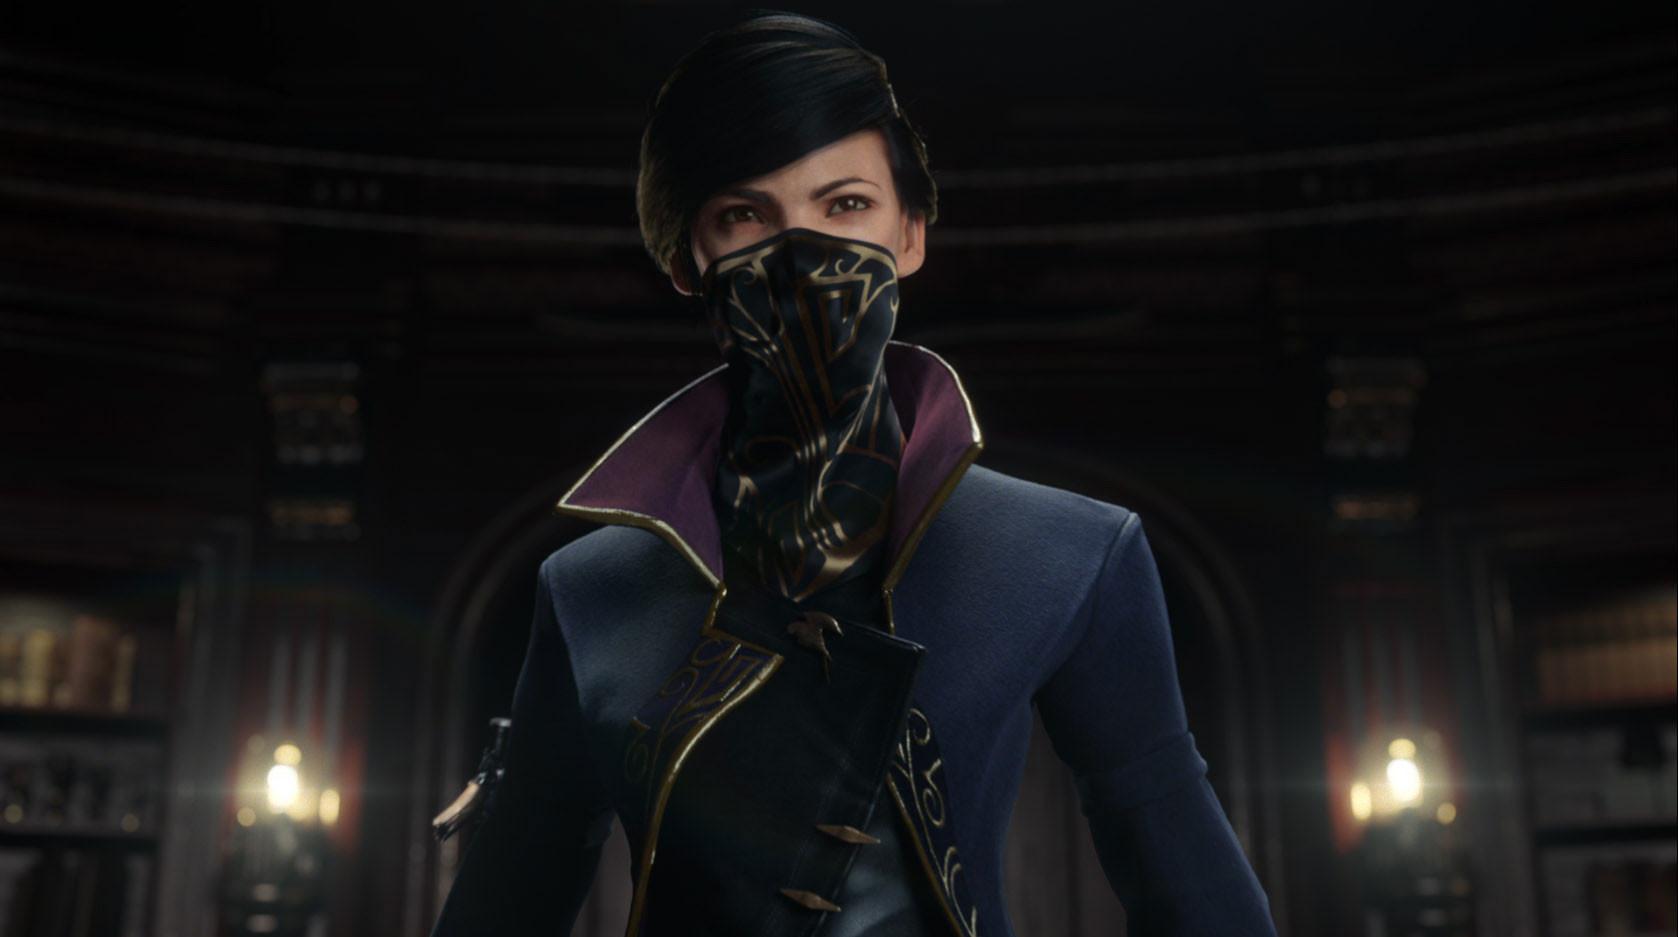 """Dishonored 2: Die Tochter von Meister-Meuchler Corvo Attano darf diesmal die Messer wetzen und mit übernatürlichen Fähigkeiten ihre Fähigkeiten verstärken. Wer den Teil 1 verpasst hat, freut sich auf die """"Definitive Edition"""" für PS4 bzw. Xbox One"""